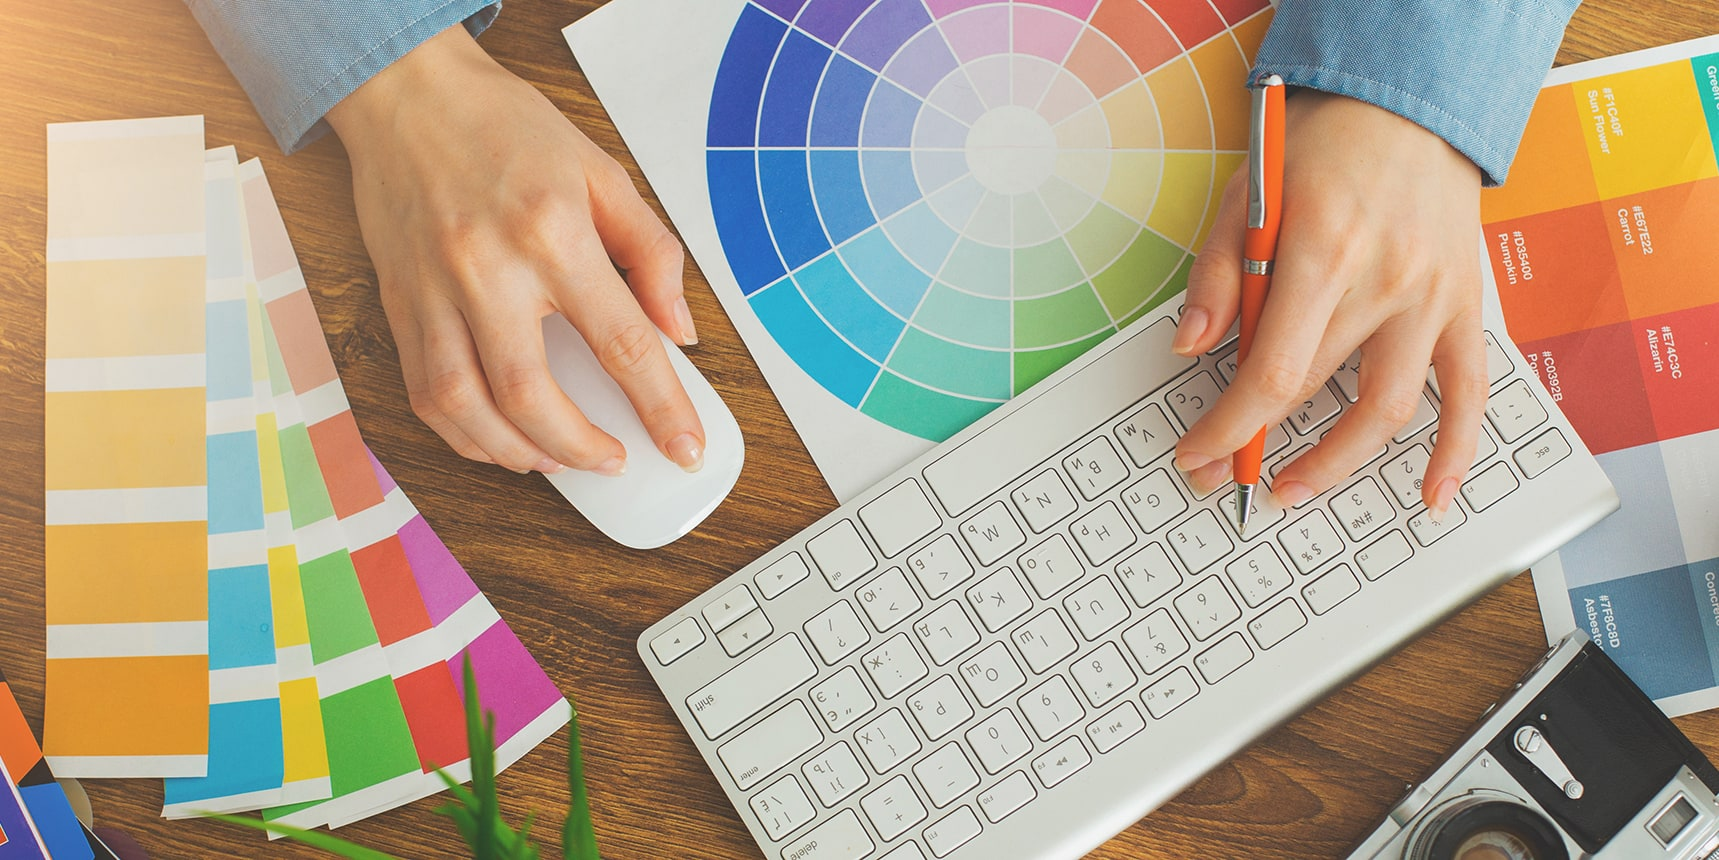 weboldal, weboldal készítés, logó, ssl, webdizájn, arculat, webáruház, webfejlesztés, honlapkészítés, arculattervezés, logótervezés, márkaépítés, seo, wordpress, egyedi honlap, üzleti fotózás